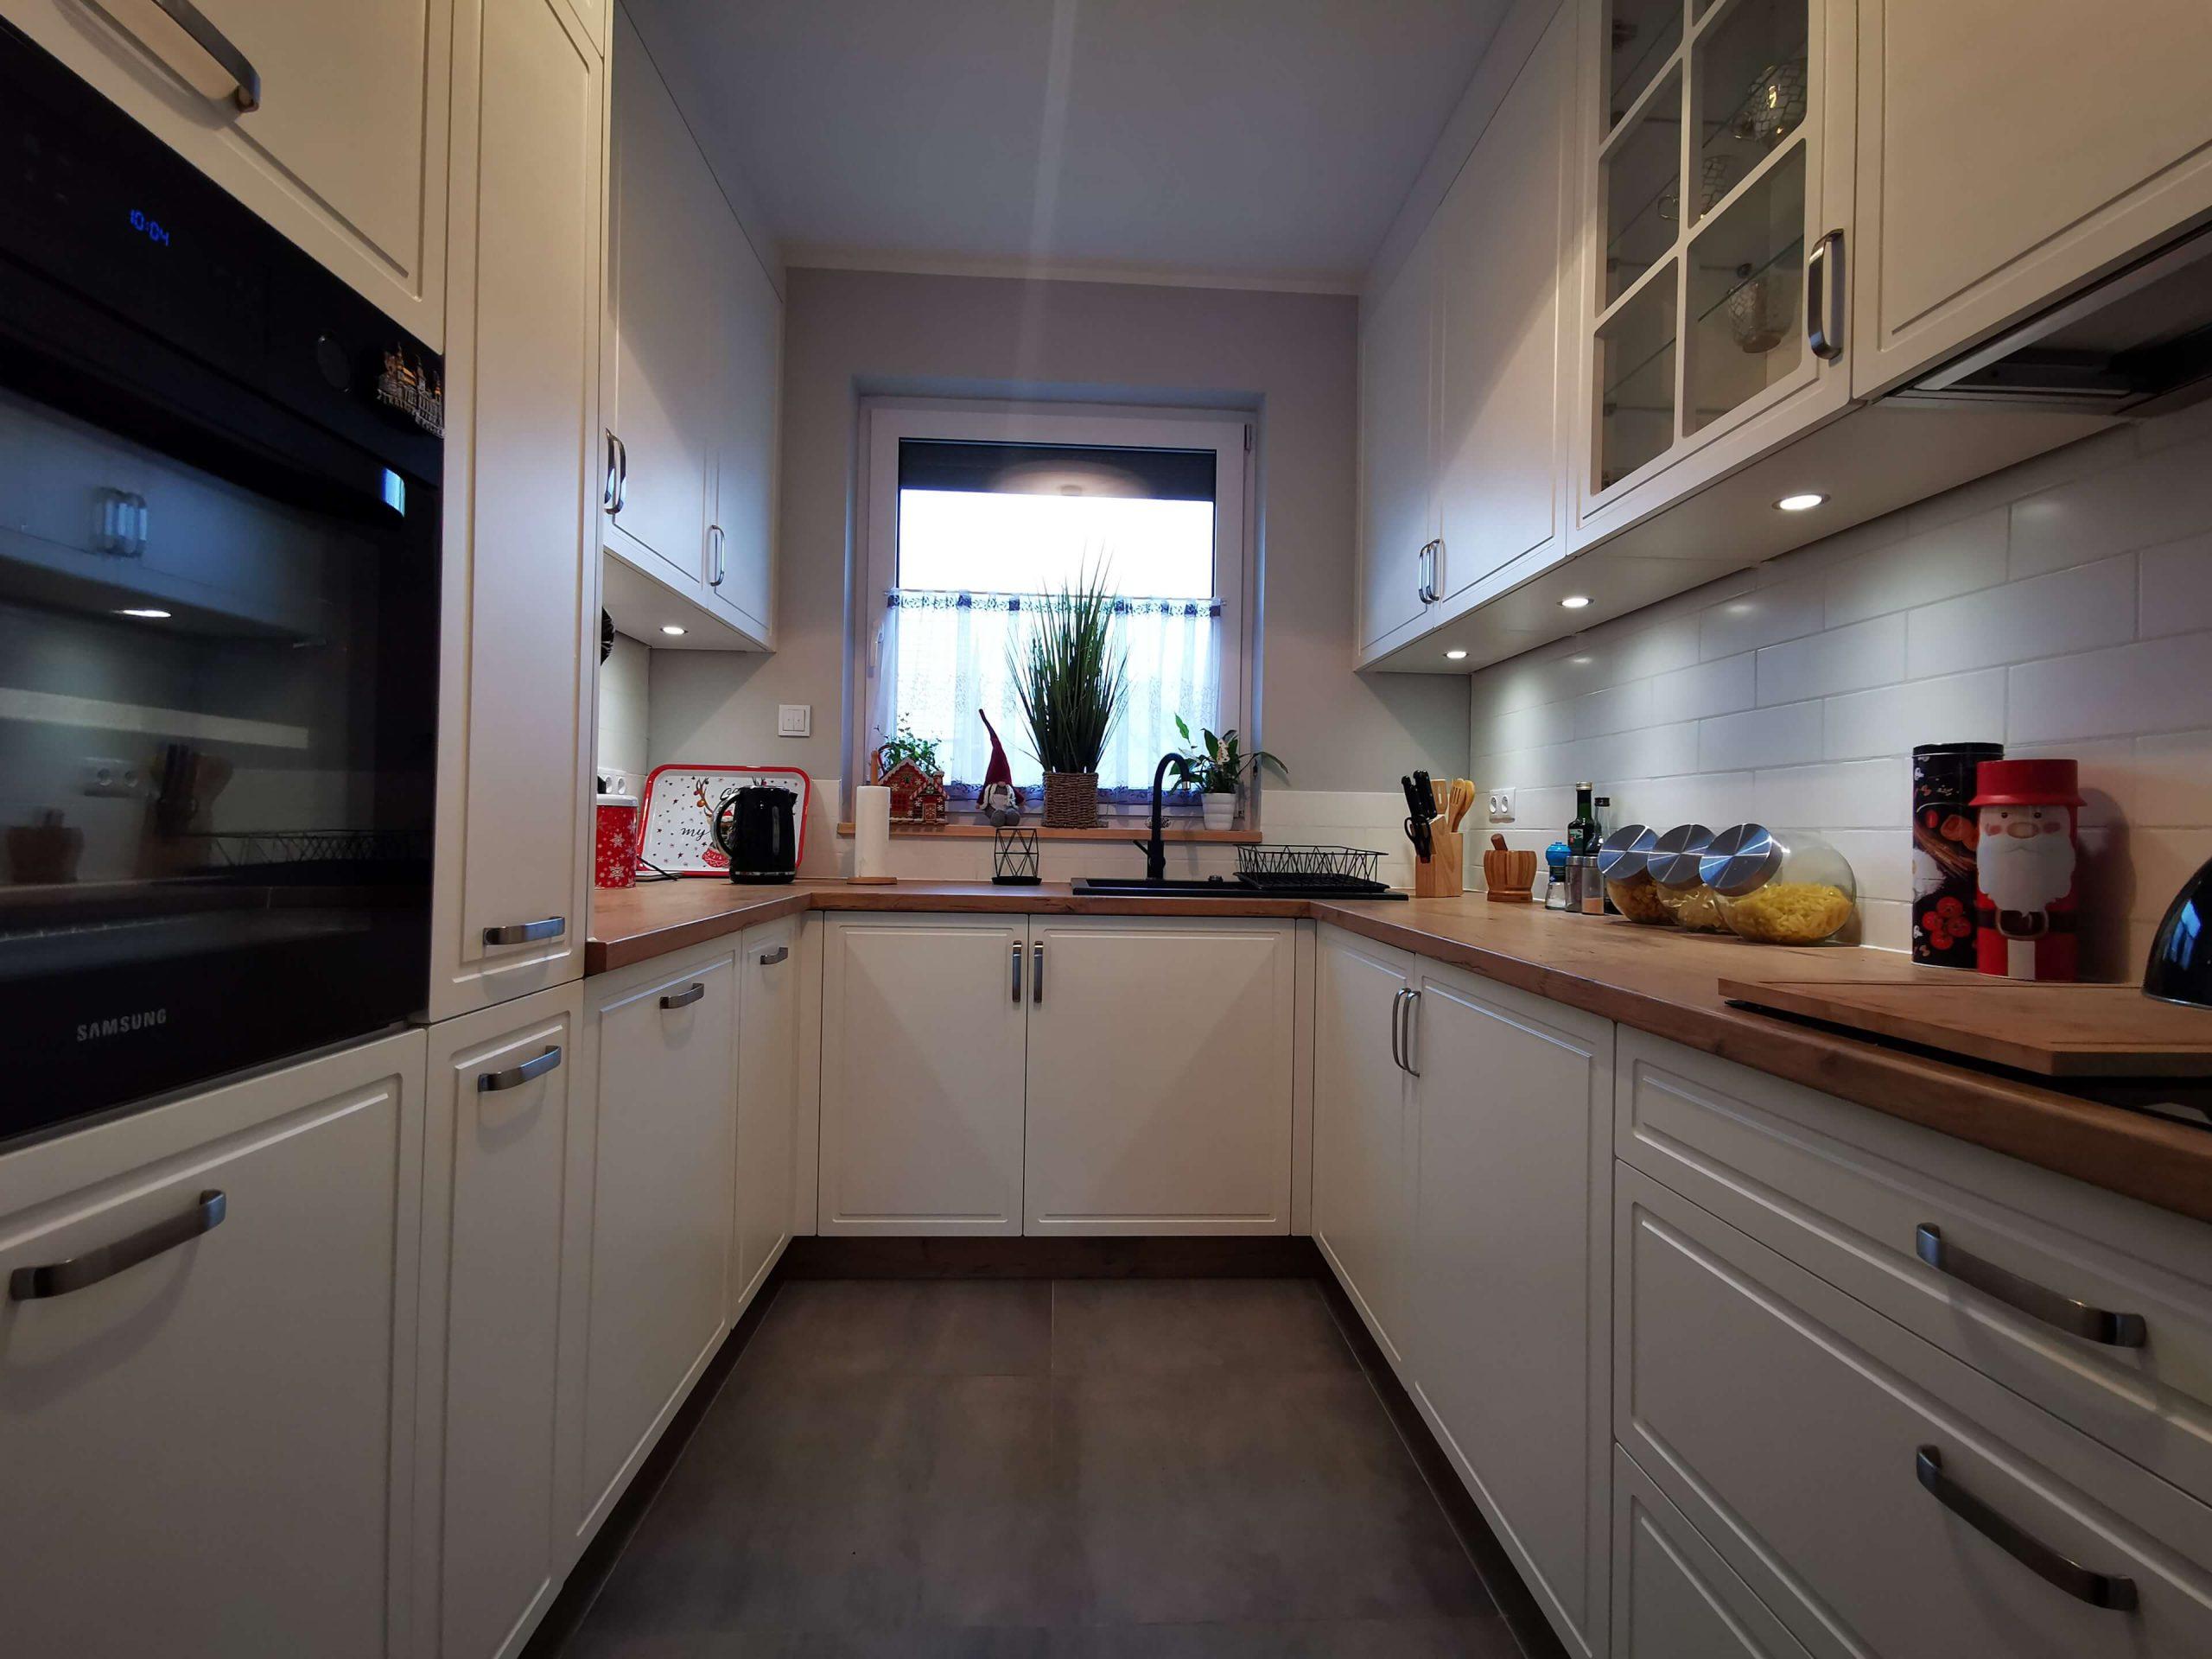 Białe meble kuchenne w rustykalnej aranżacji